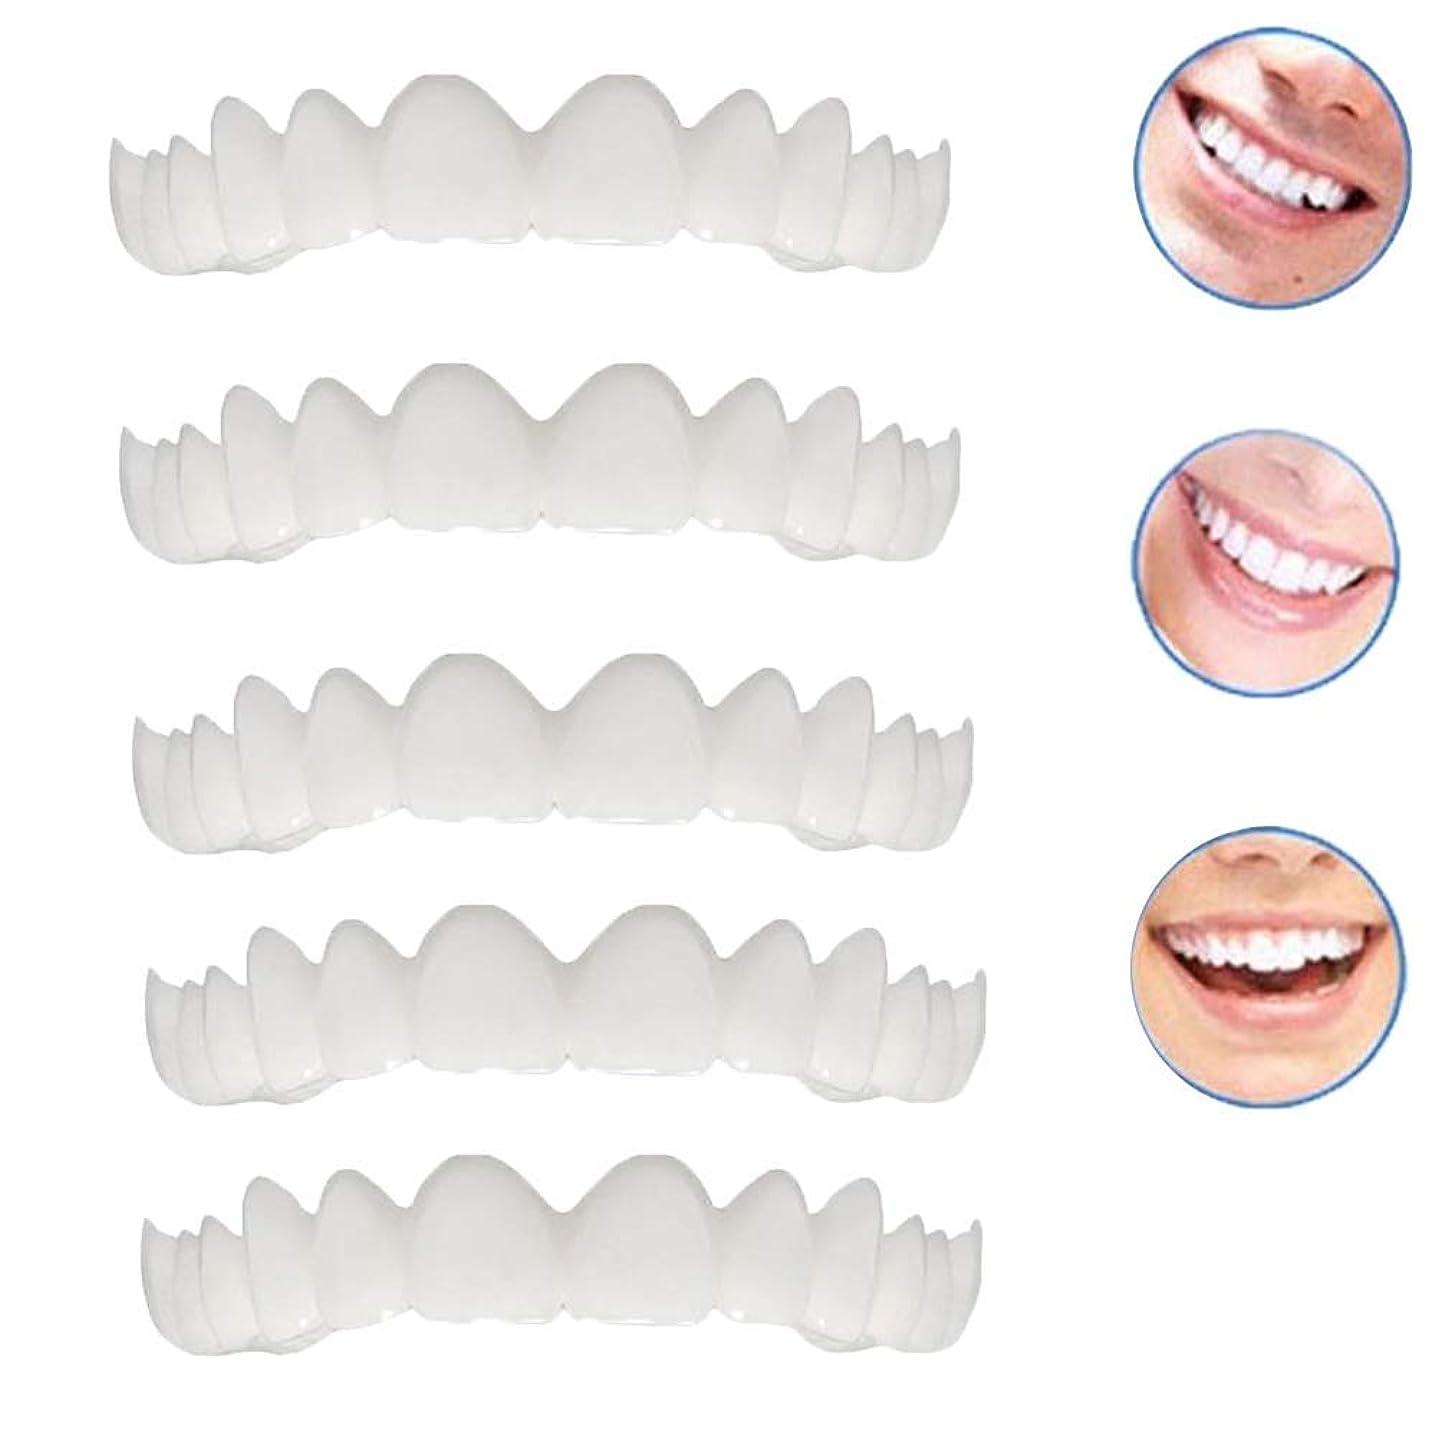 樹木新聞迷信2本の偽のベニヤ修正歯のトップホワイトニング化粧品義歯修正のための悪い歯のための新しいプロの笑顔のベニヤ